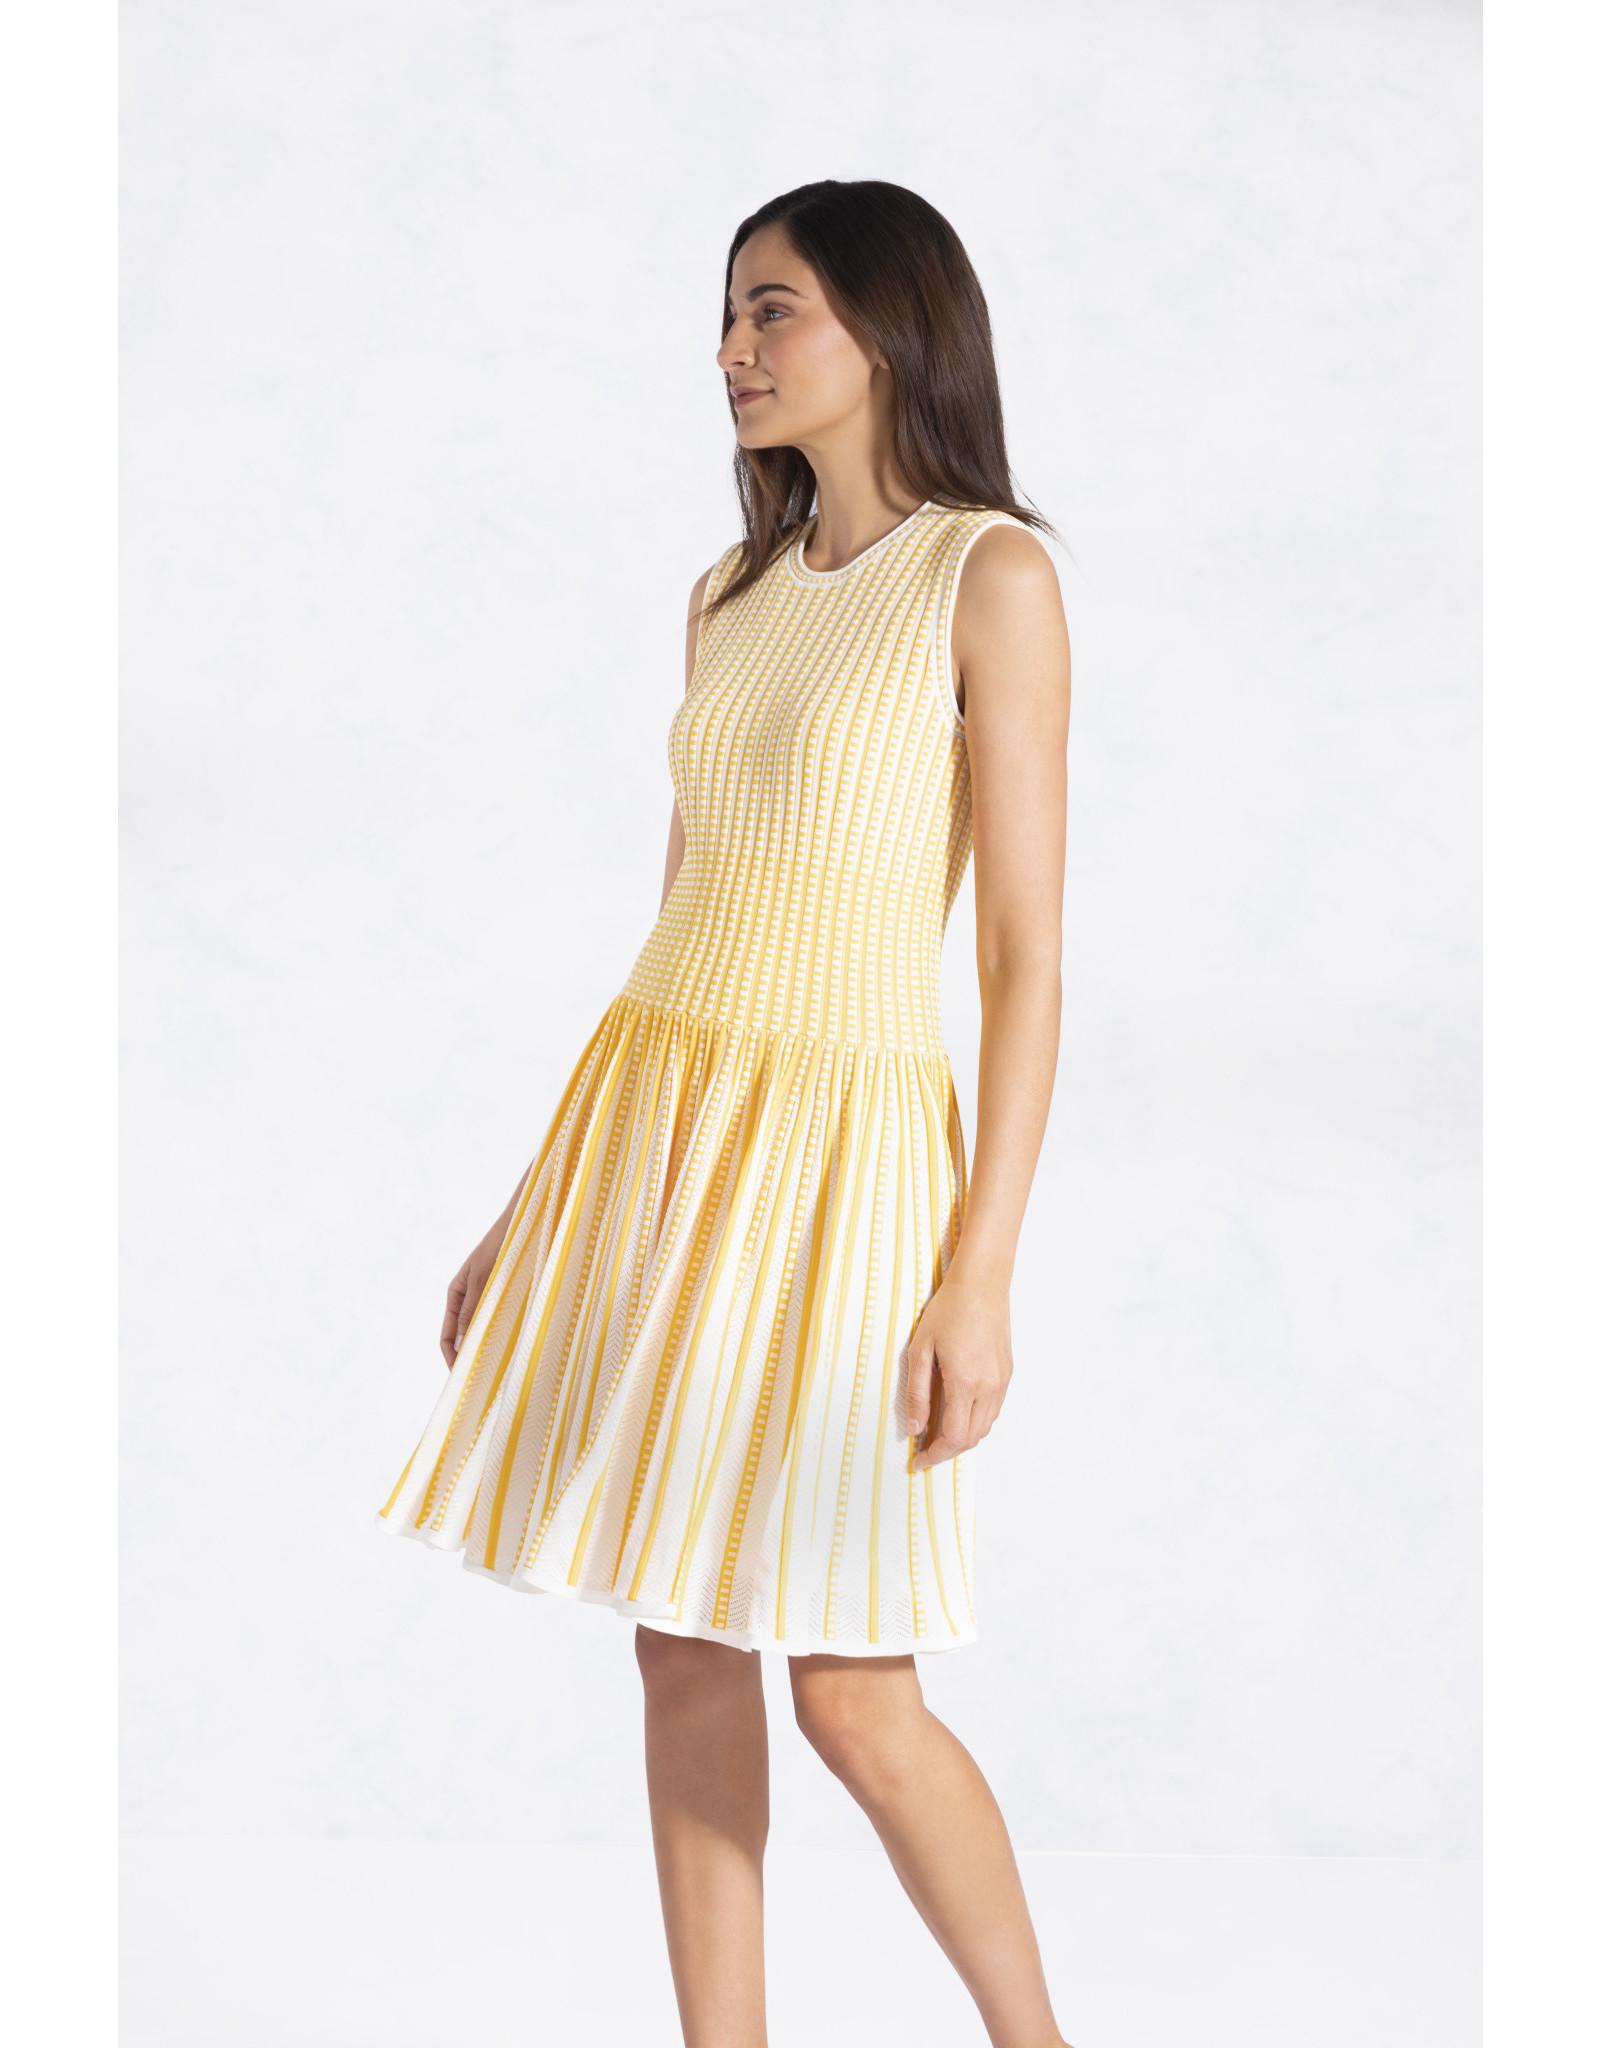 Shoshanna Larina Dress